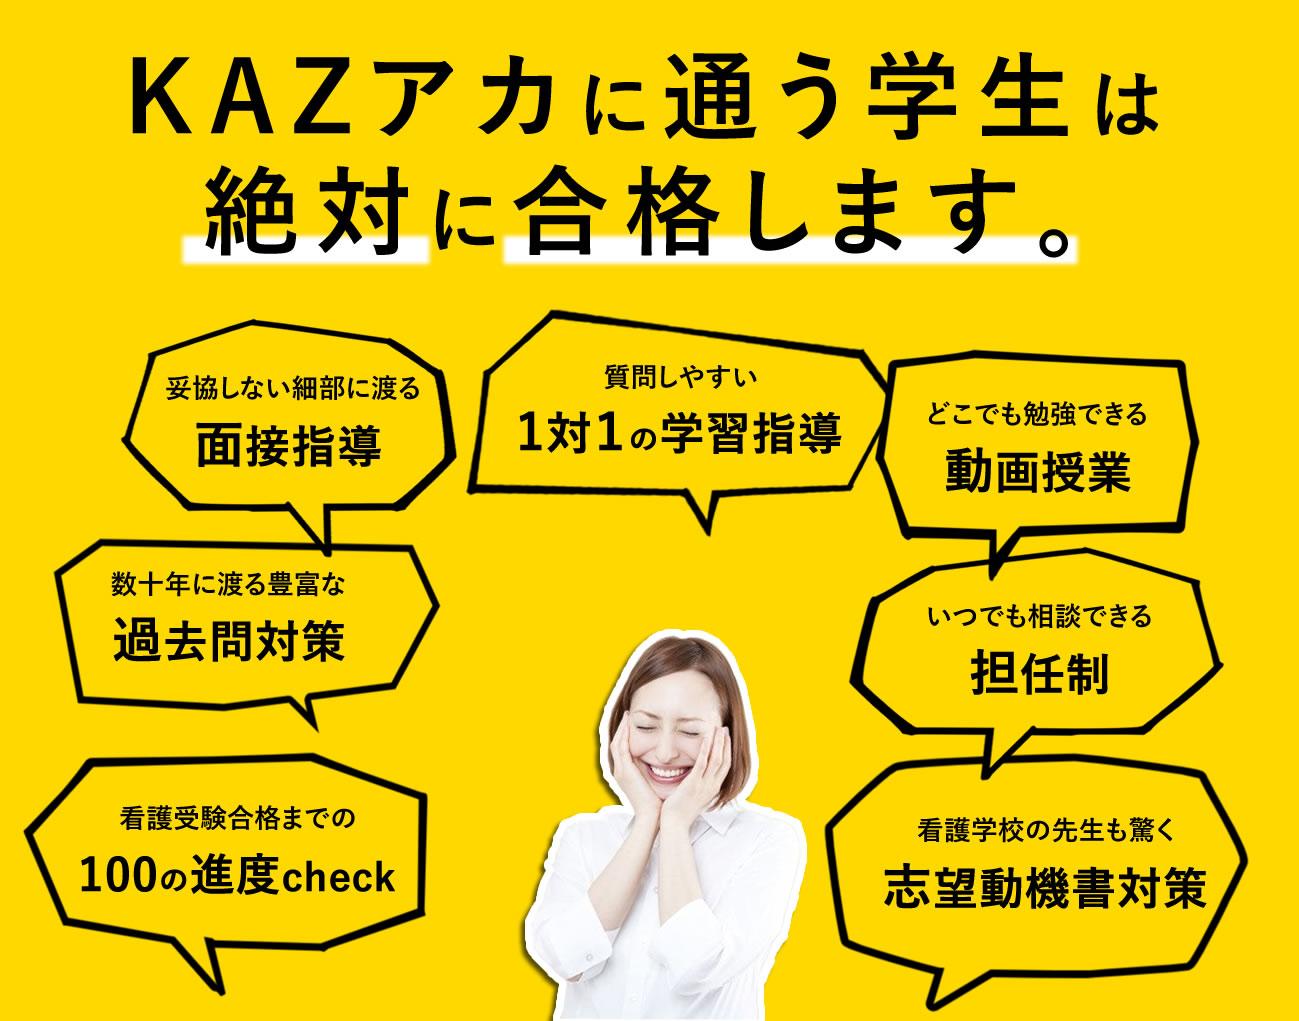 看護 予備校 大阪 KAZアカデミー